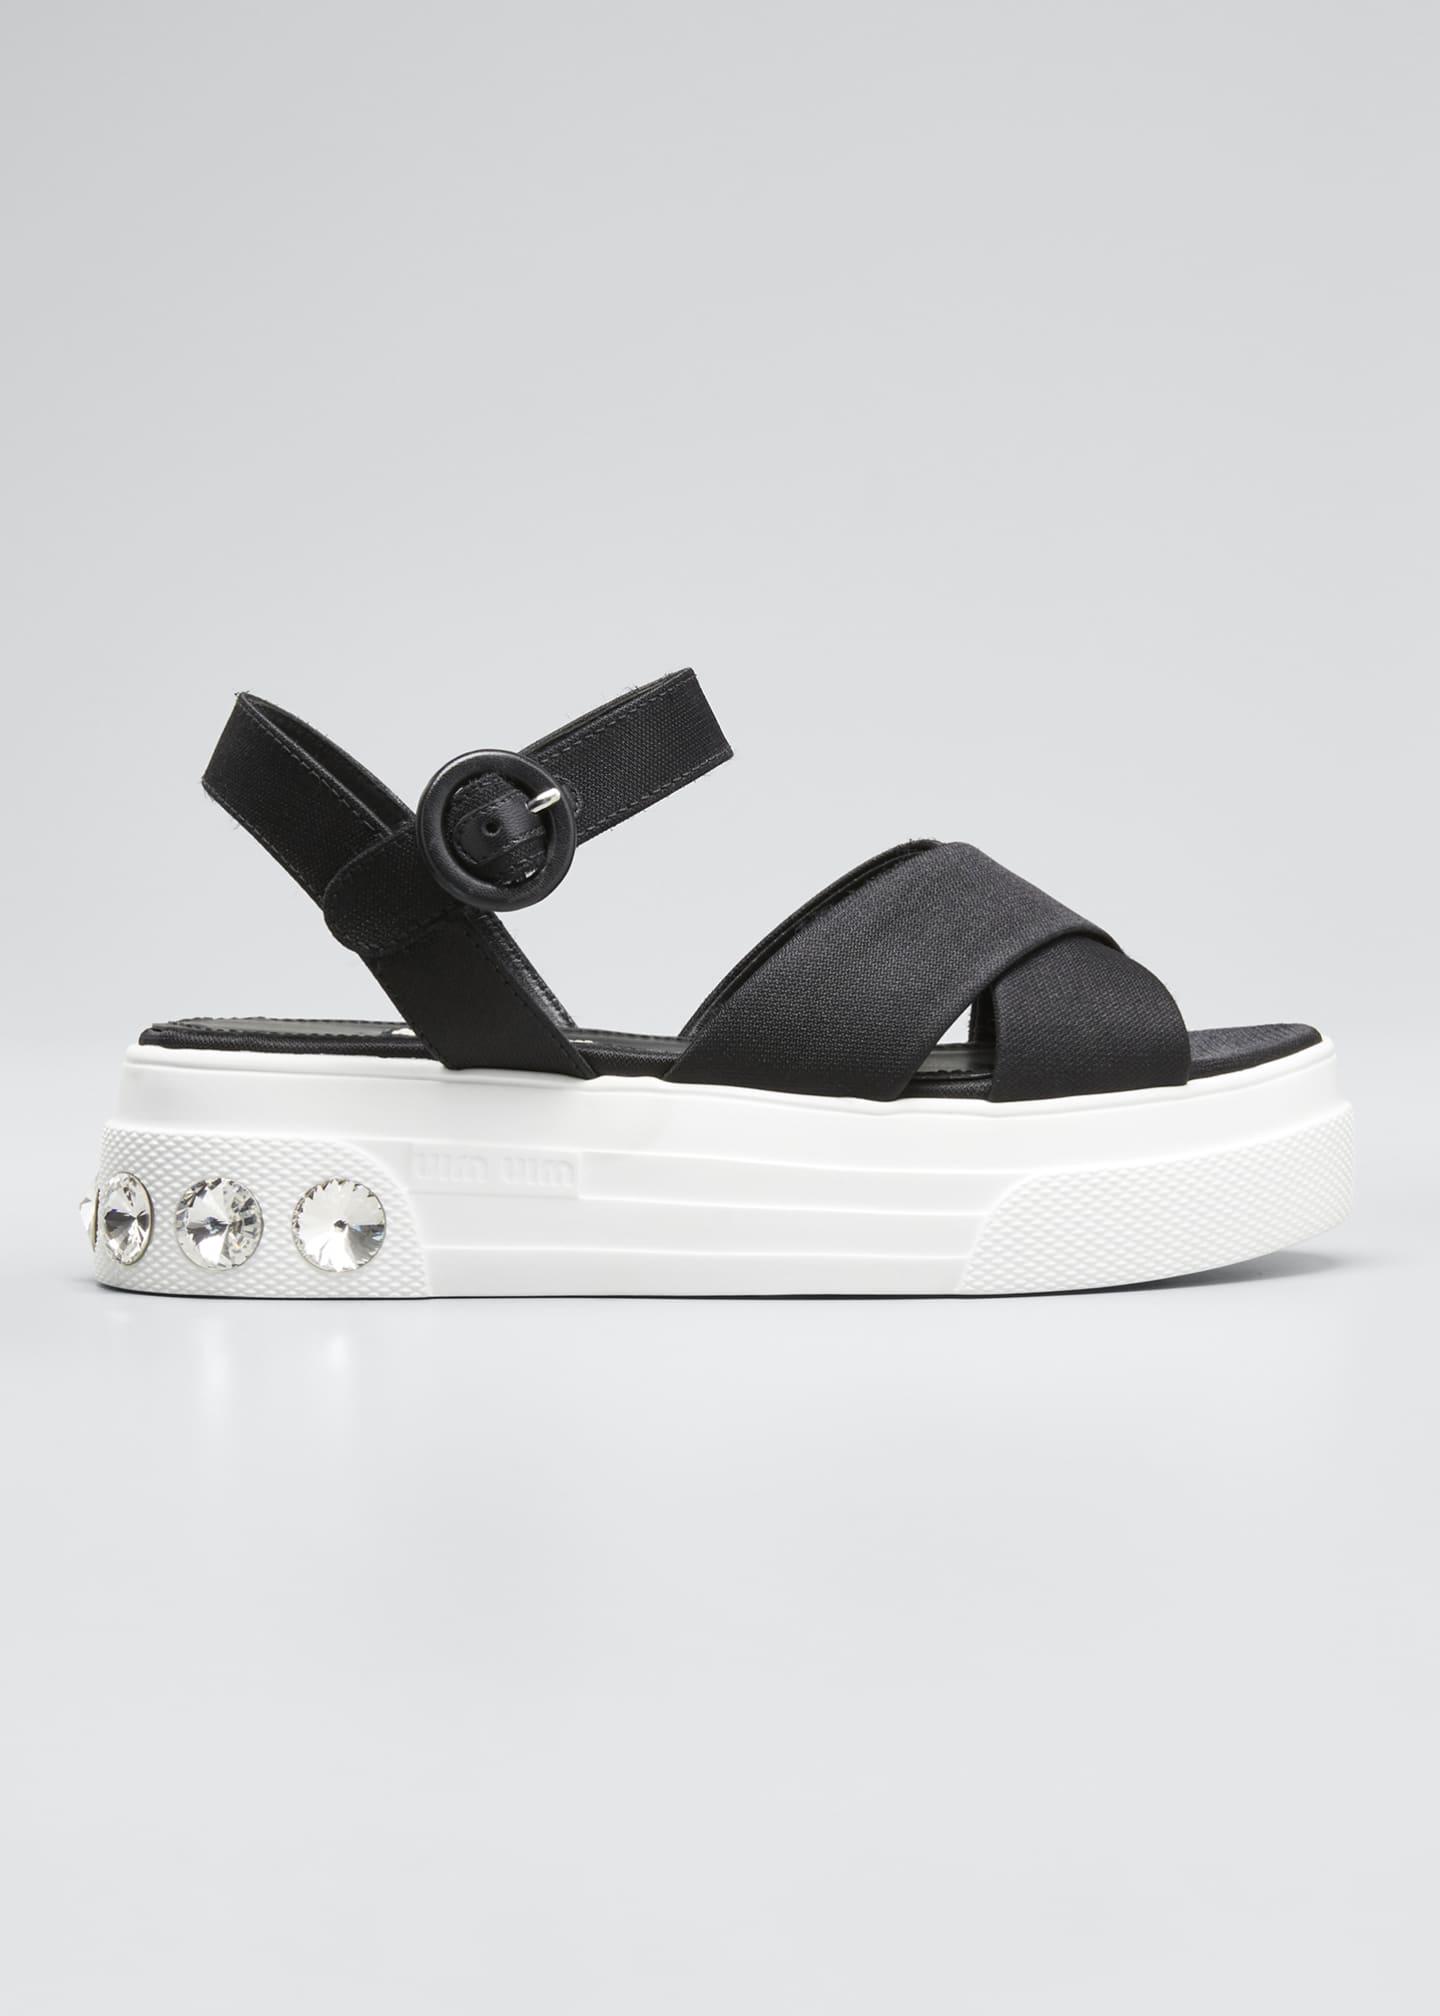 Miu Miu Canvas Flatform Sandals